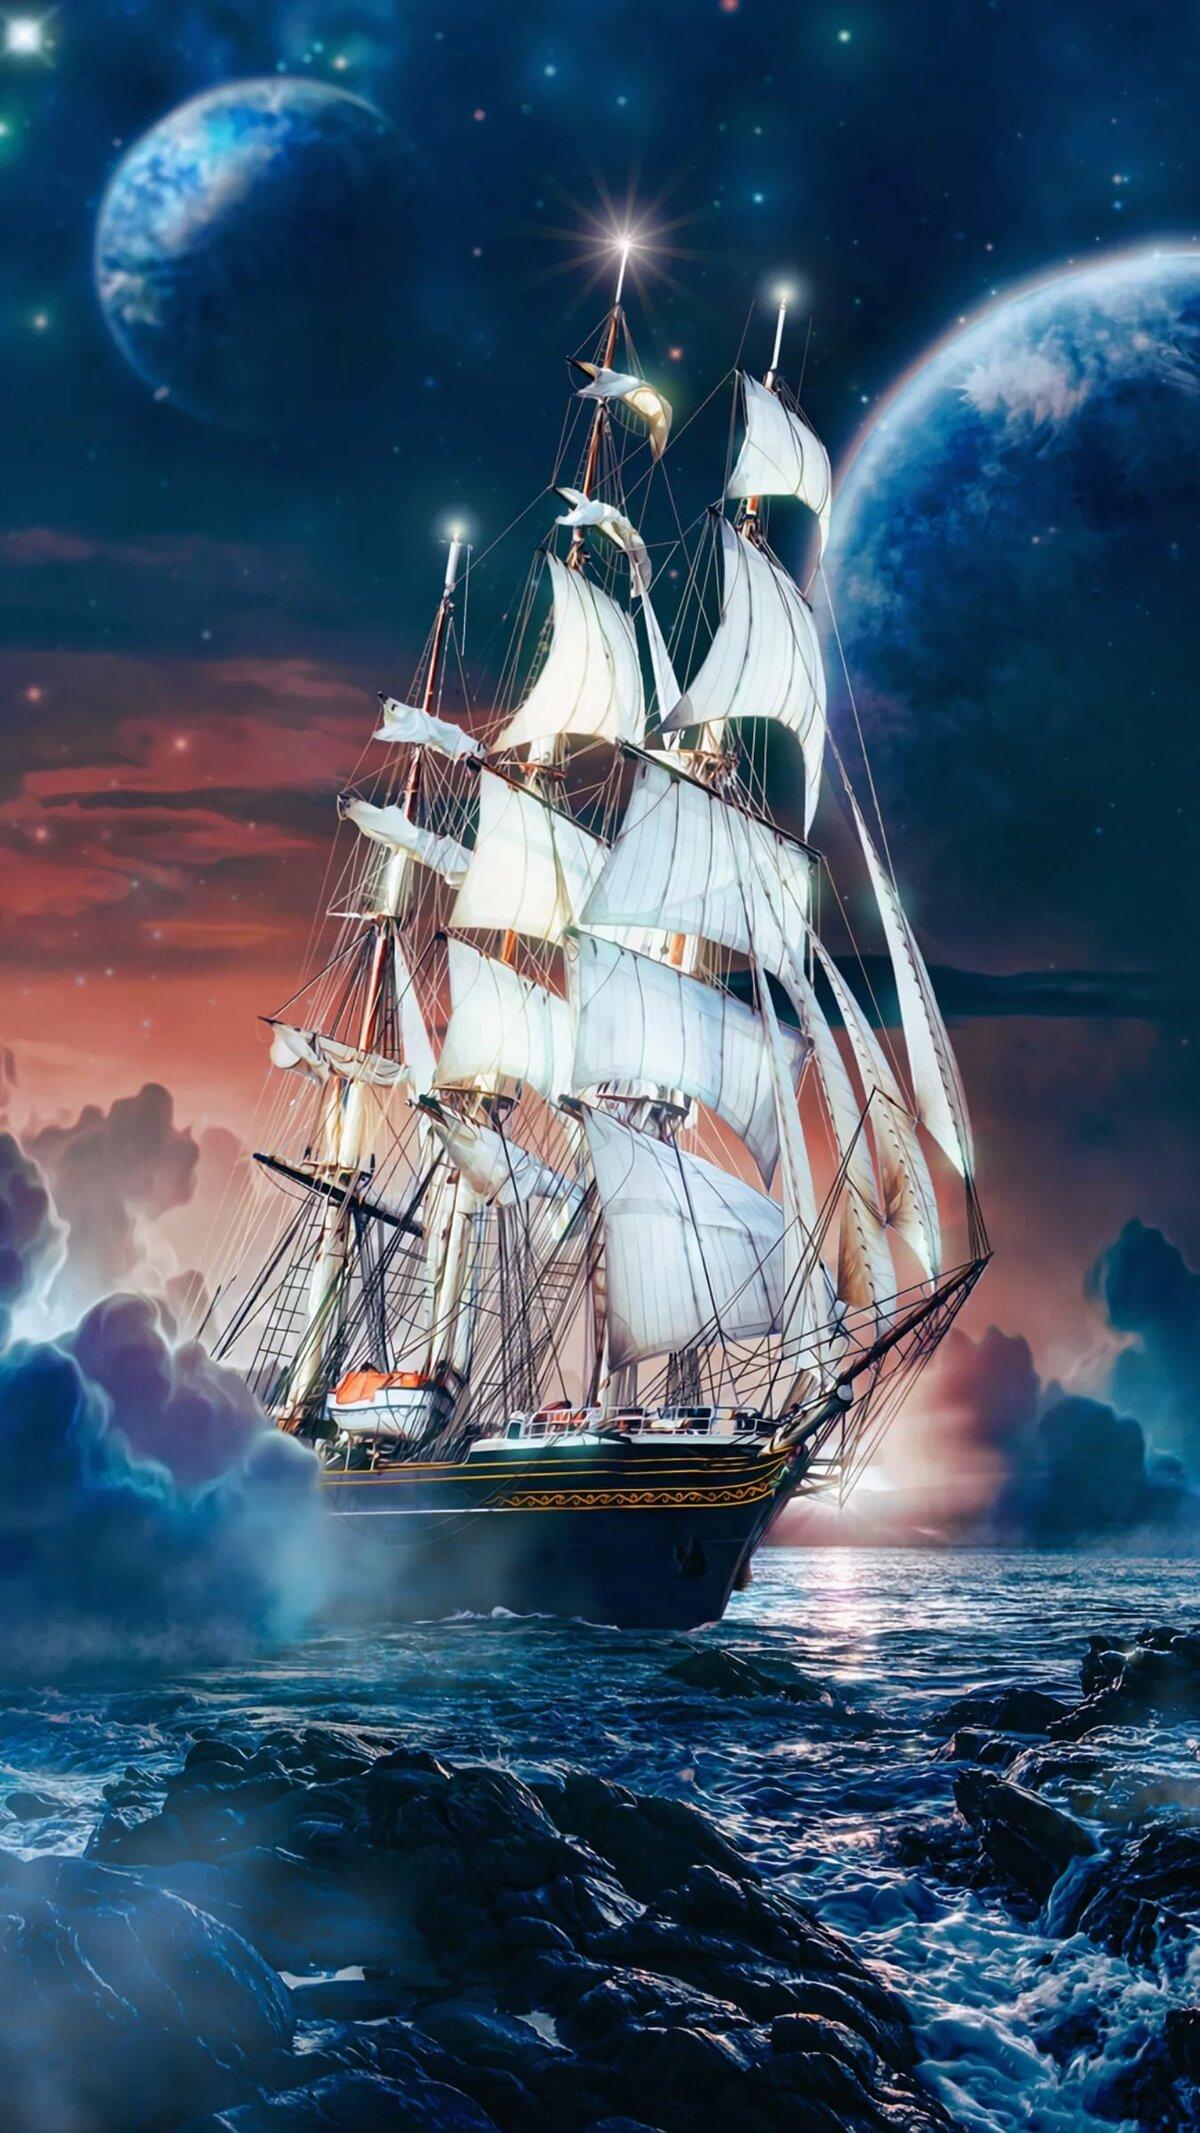 Картинка на телефон с изображением кораблей